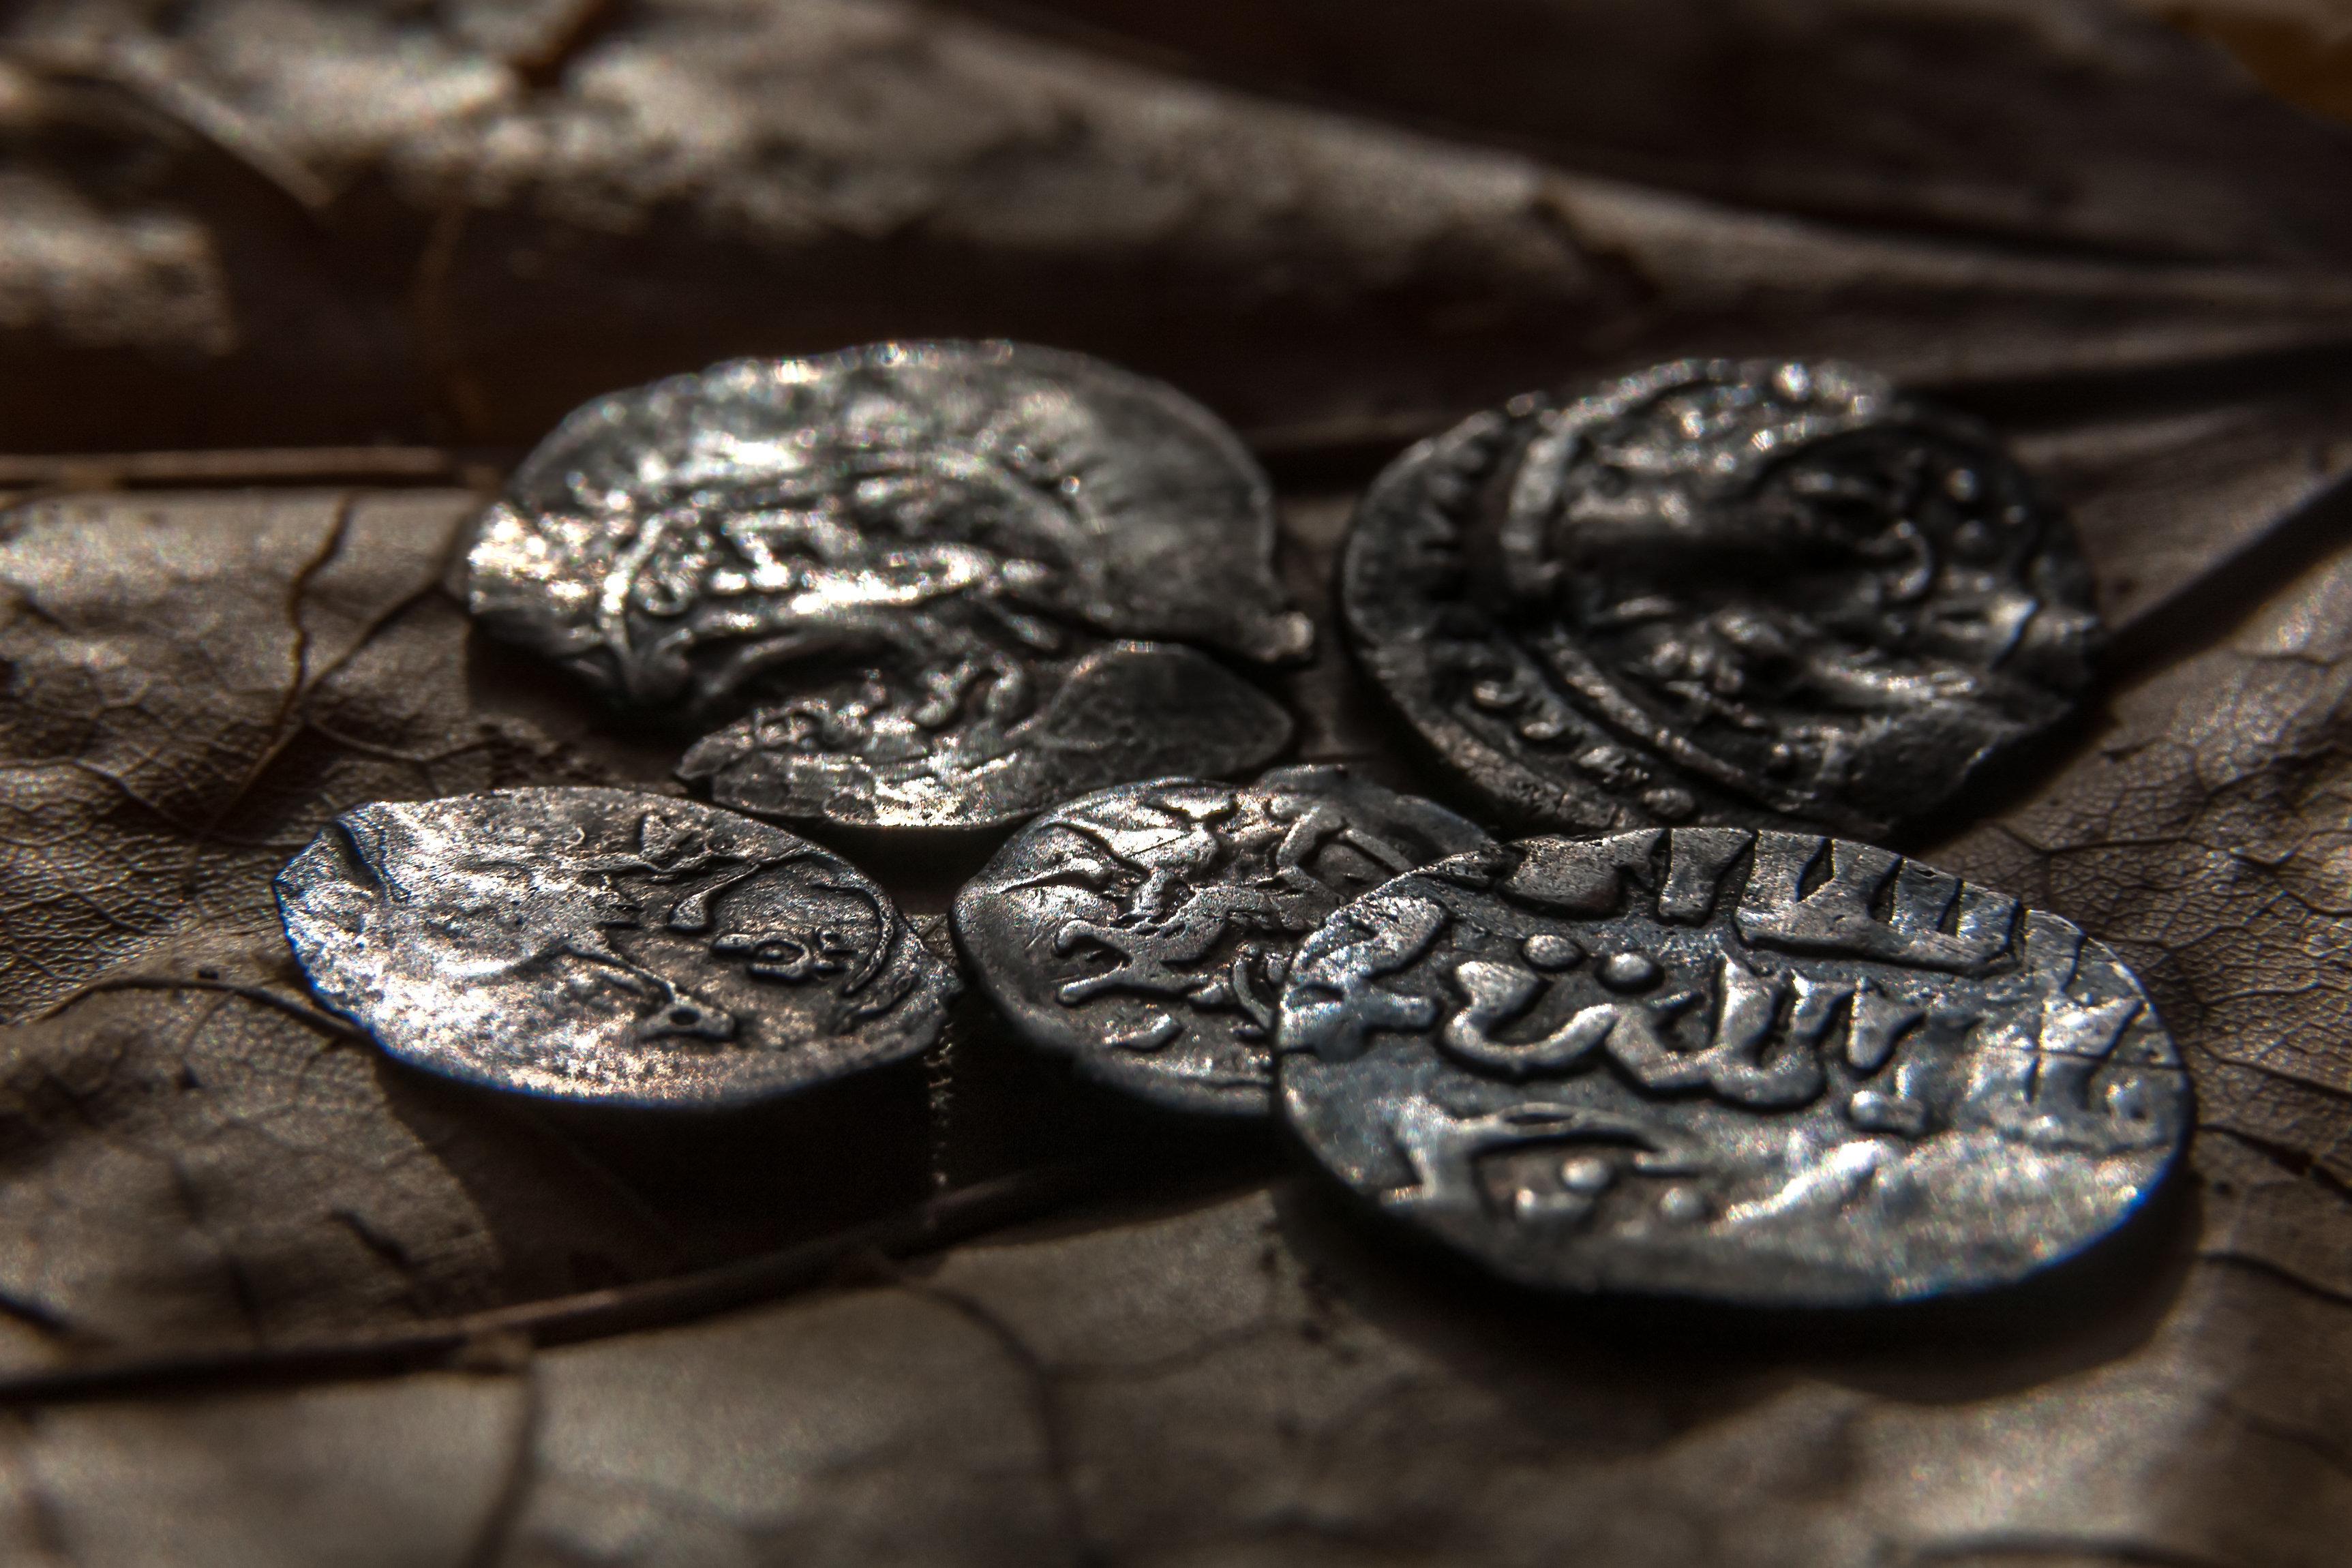 Deutsche finden seltenen Mittelalter-Schatz – und behalten ihn für